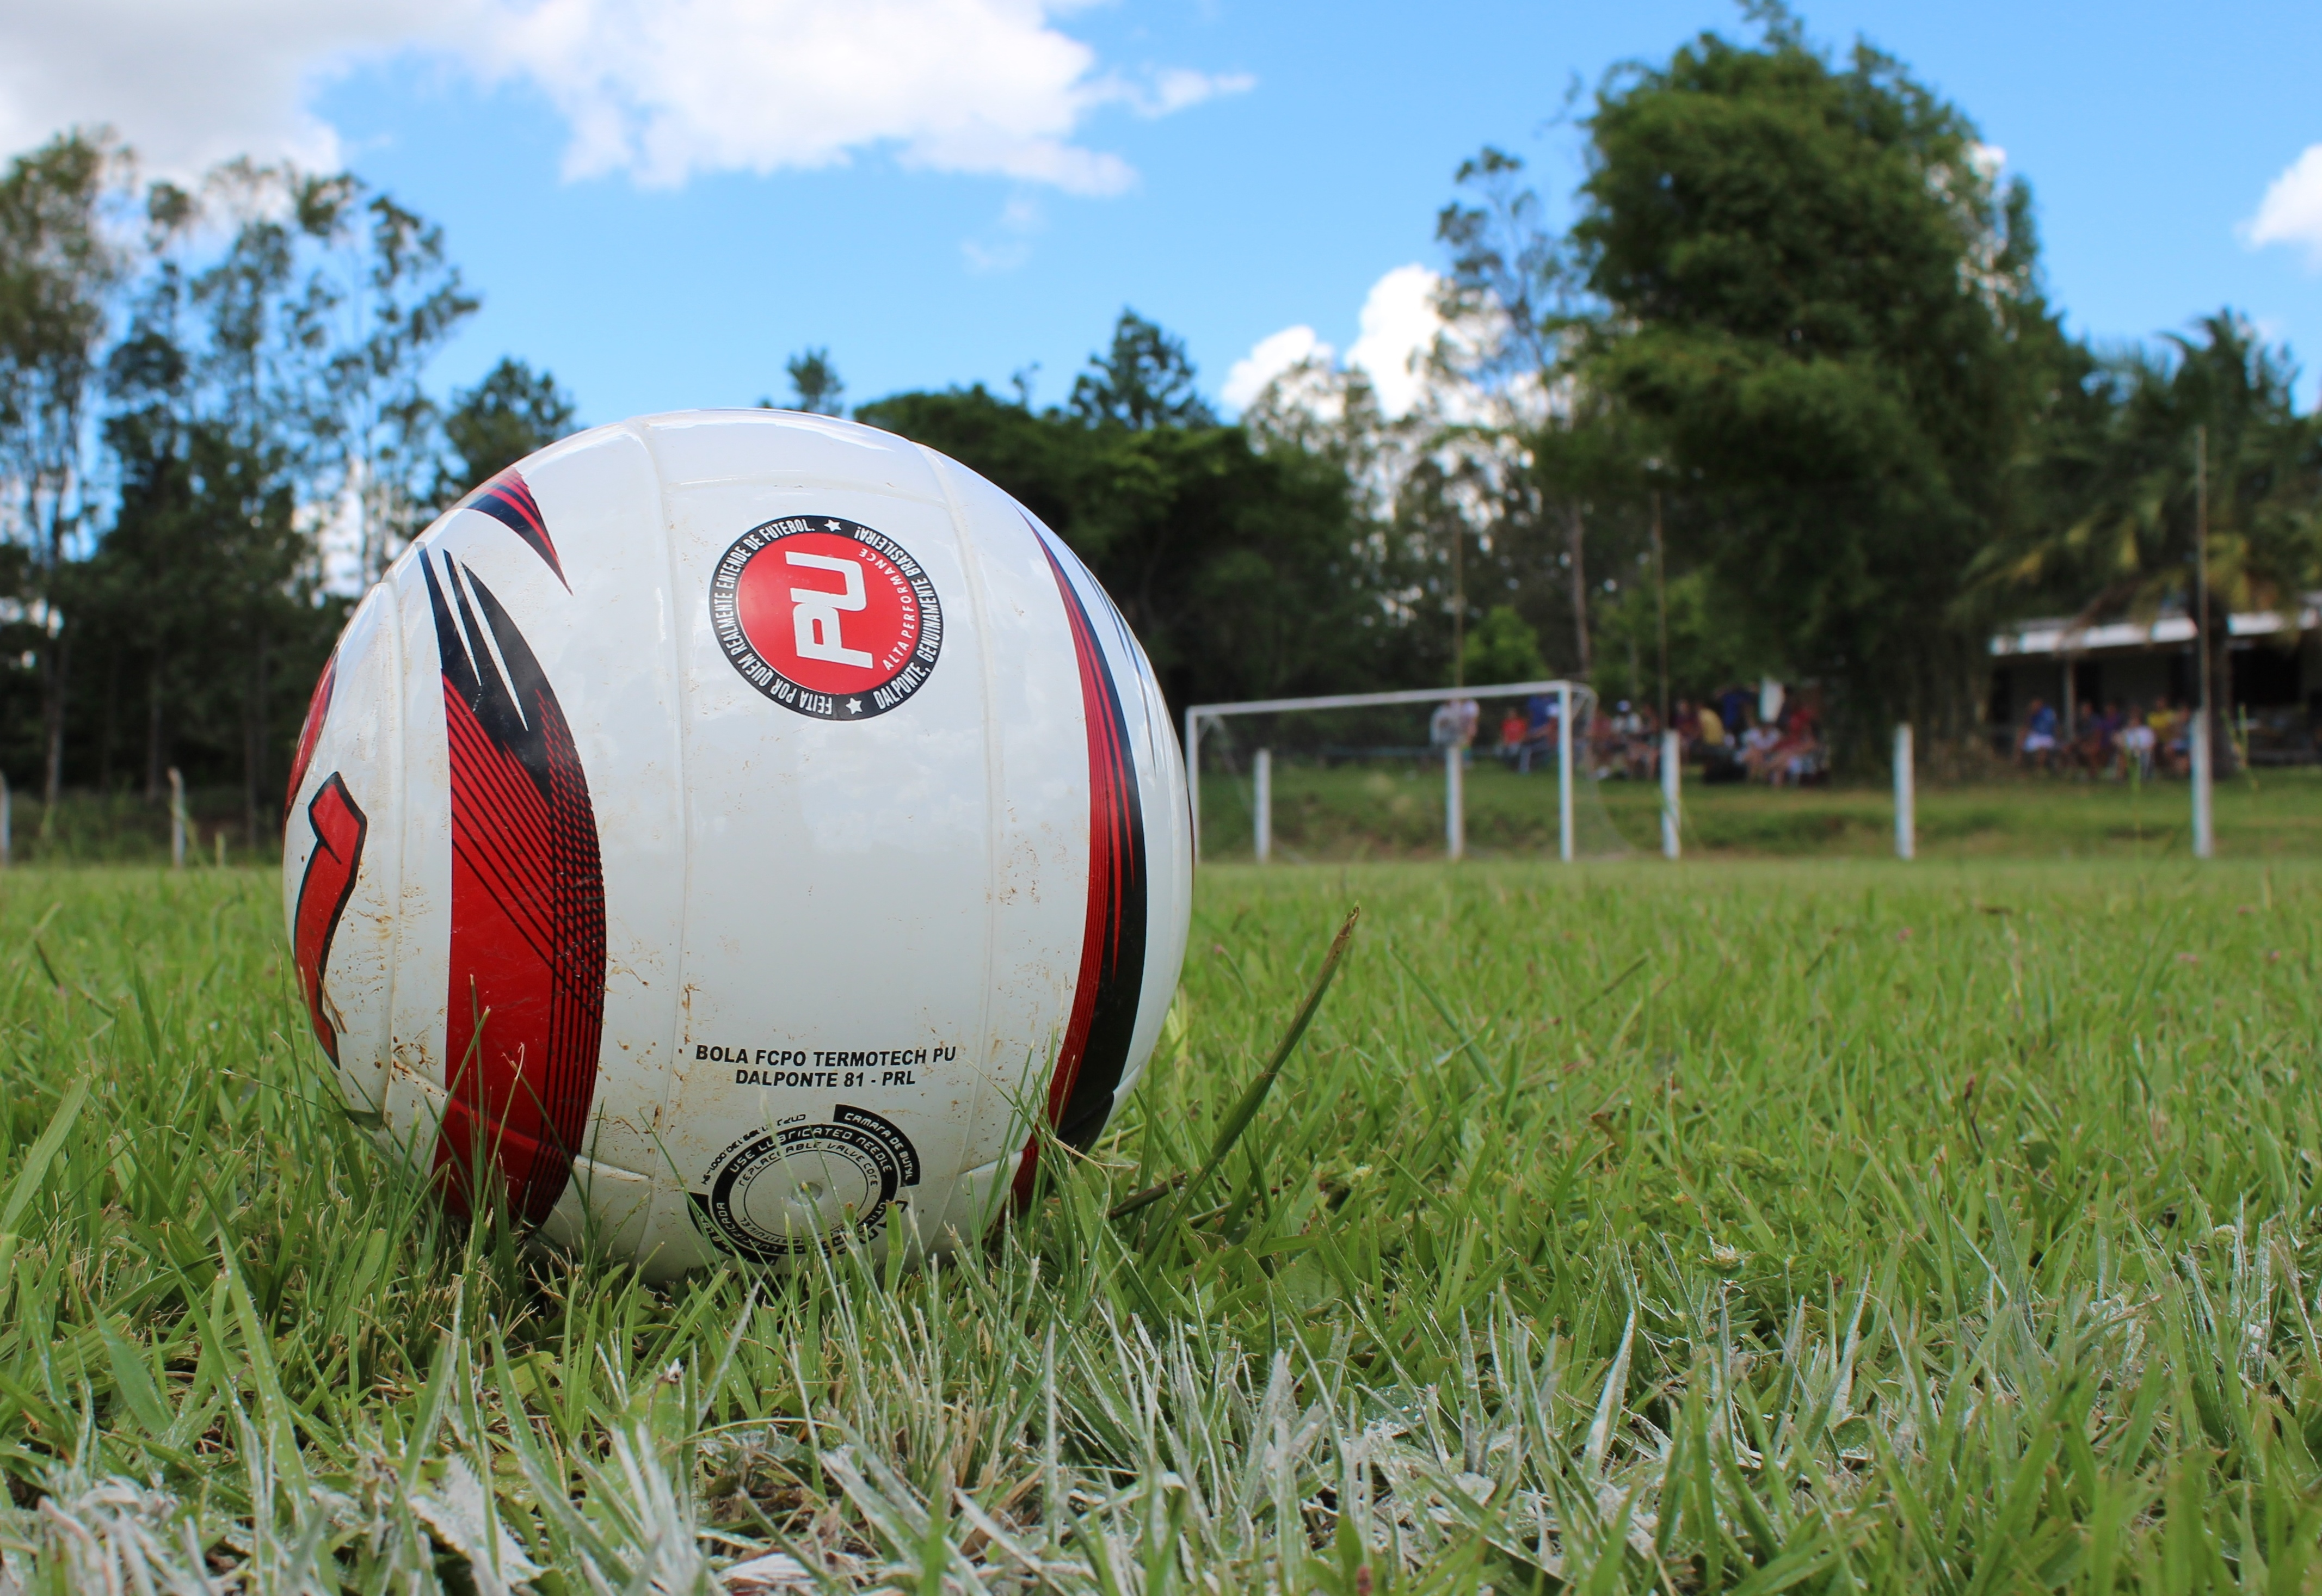 Semifinais do campeonato regional de futebol de campo serão disputadas em Tio Hugo